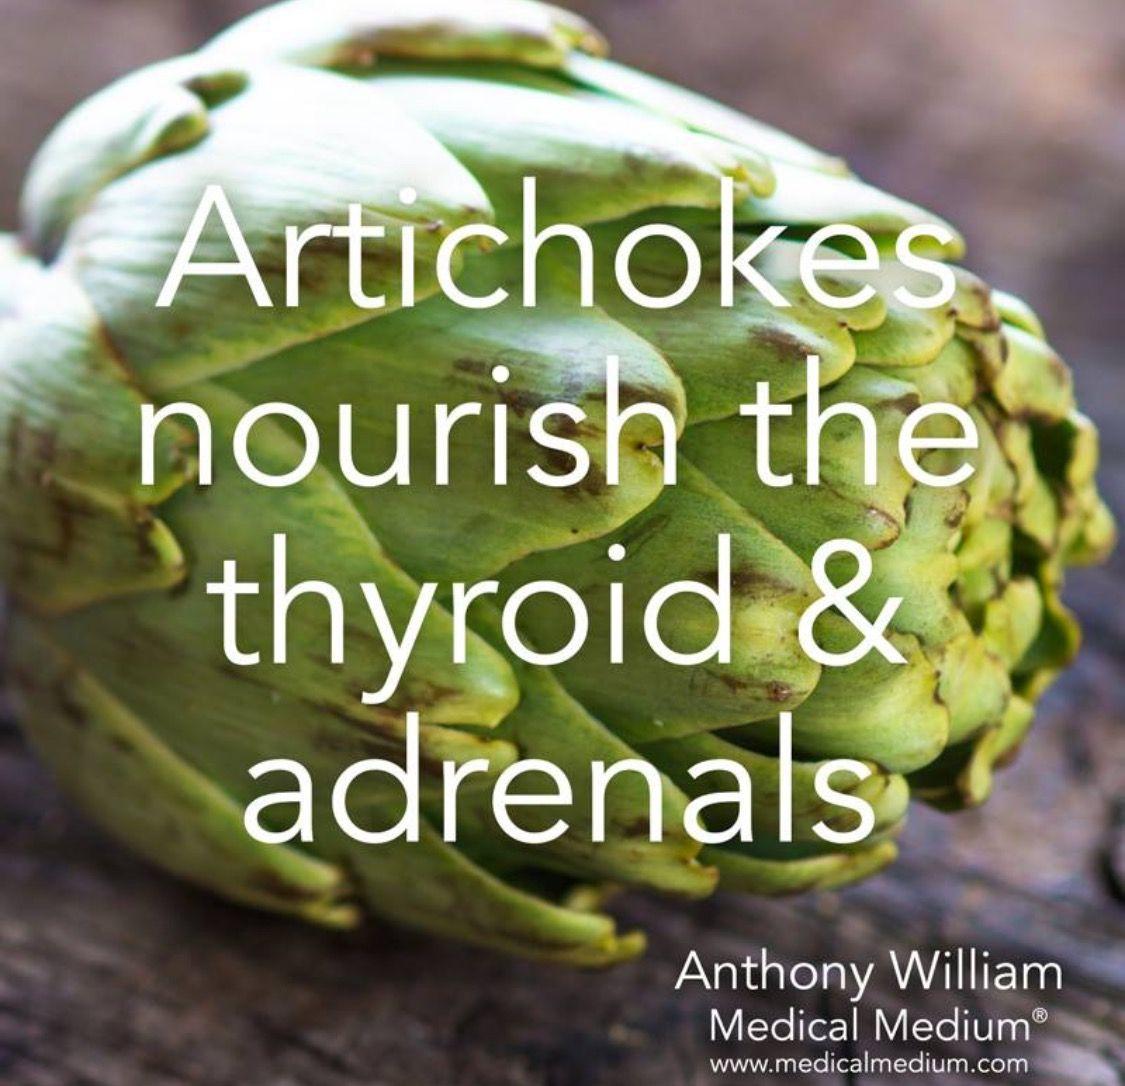 Best Foods For Adrenals